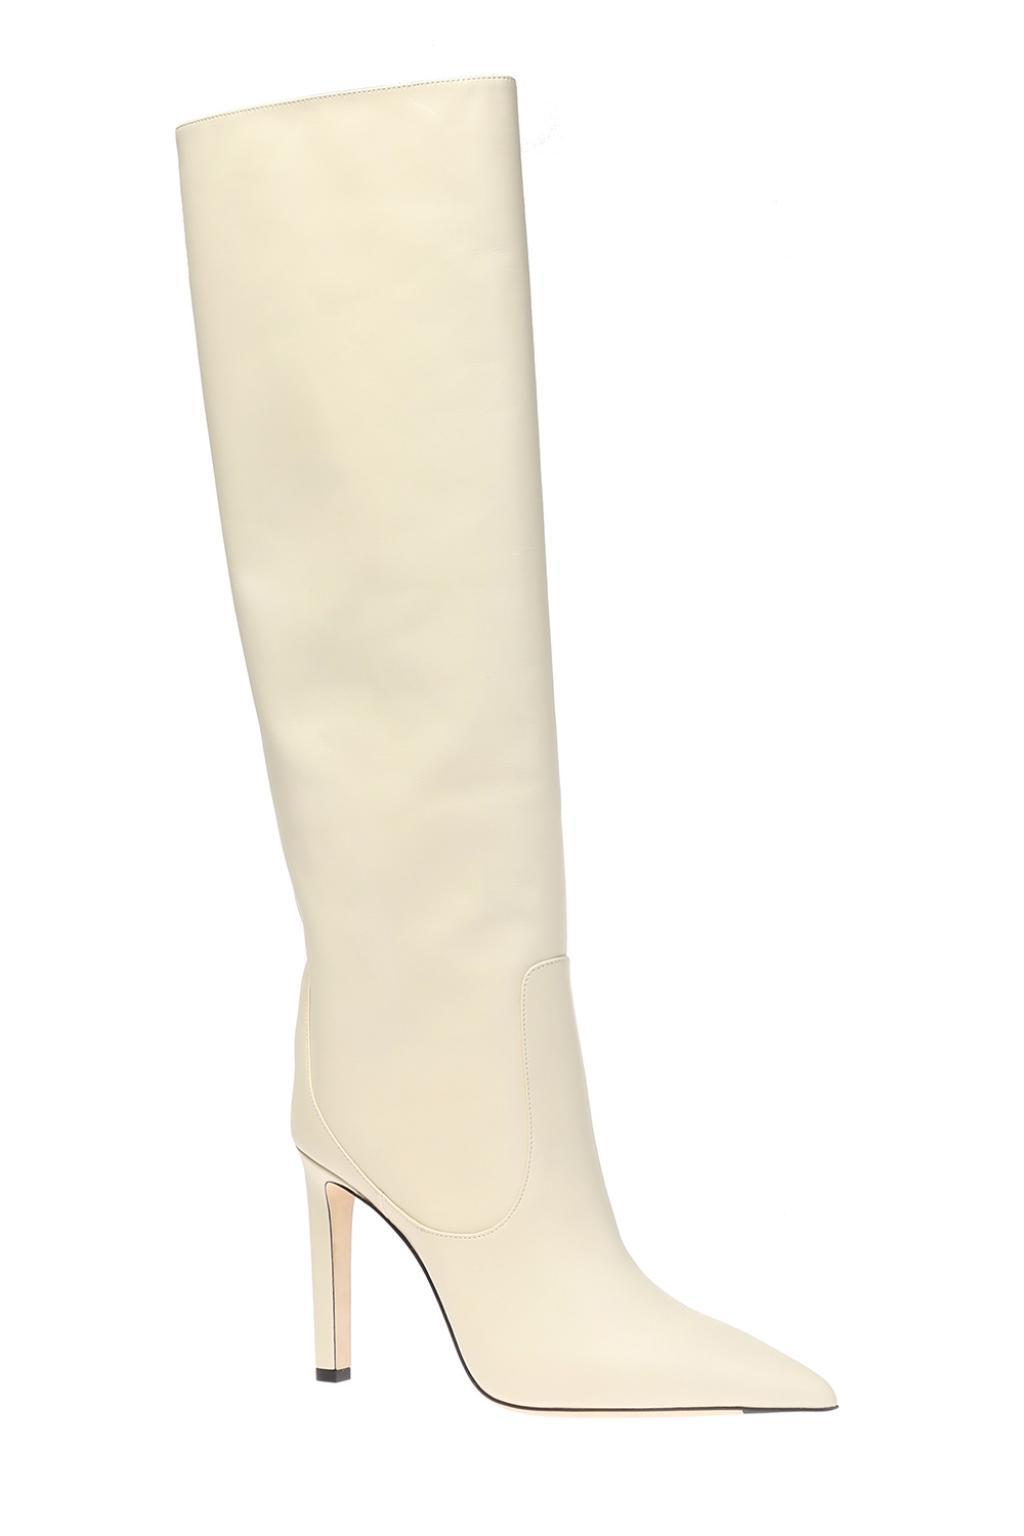 Jimmy Choo Leather Mavis 85 Boots in